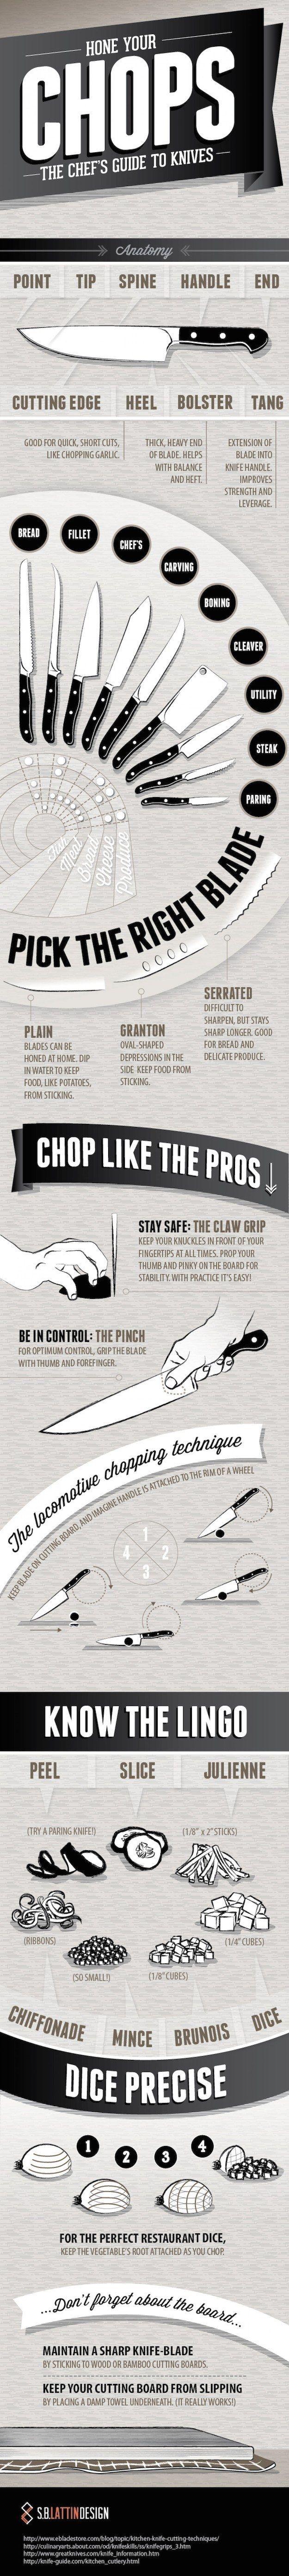 For knife skills.